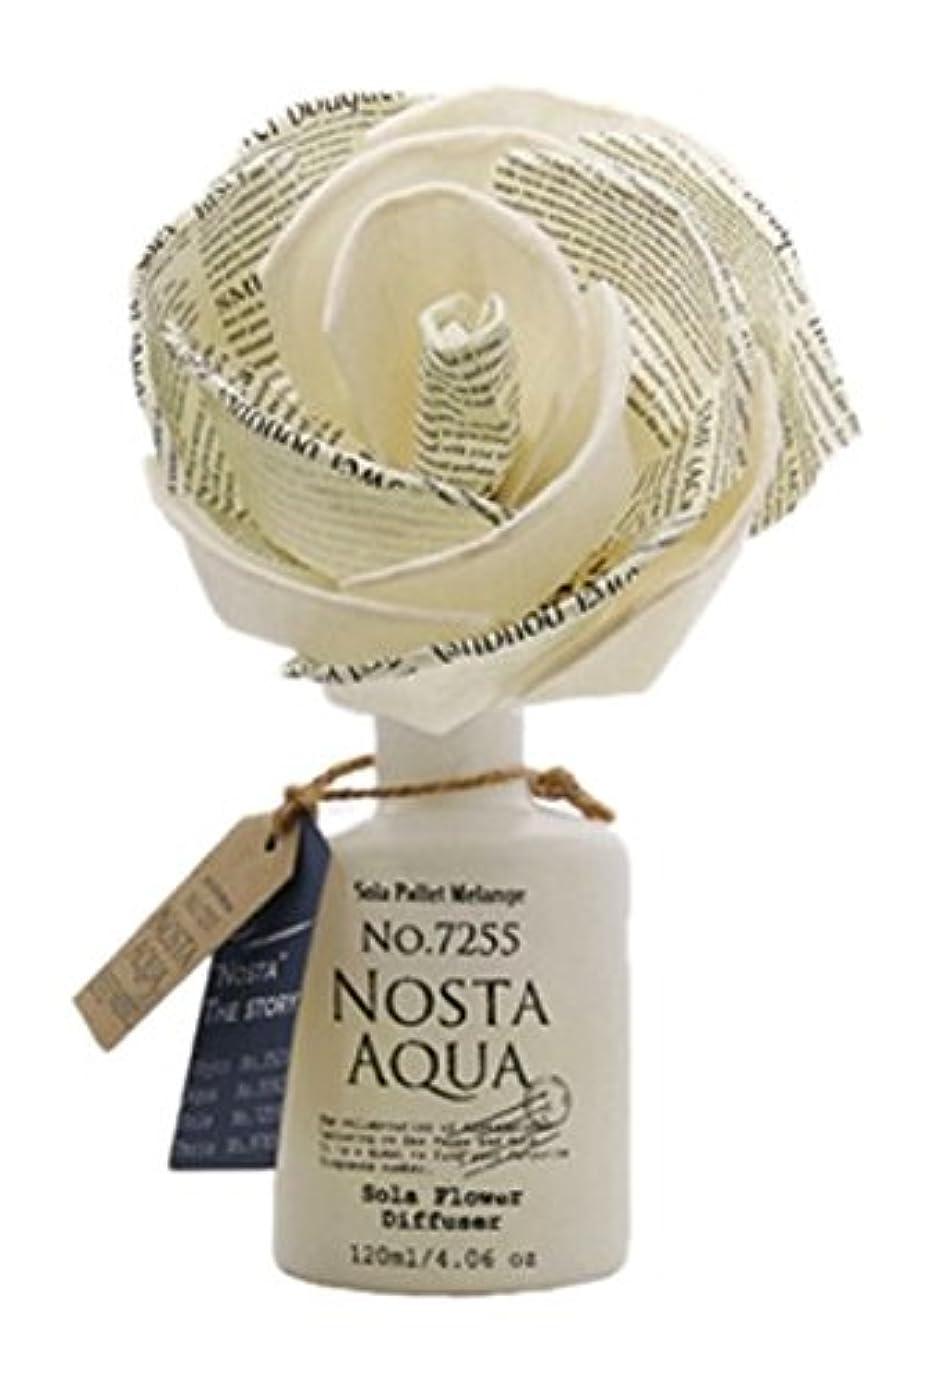 システム第二閉塞Nosta ノスタ Solaflower Diffuser ソラフラワーディフューザー Aqua アクア/生命の起源